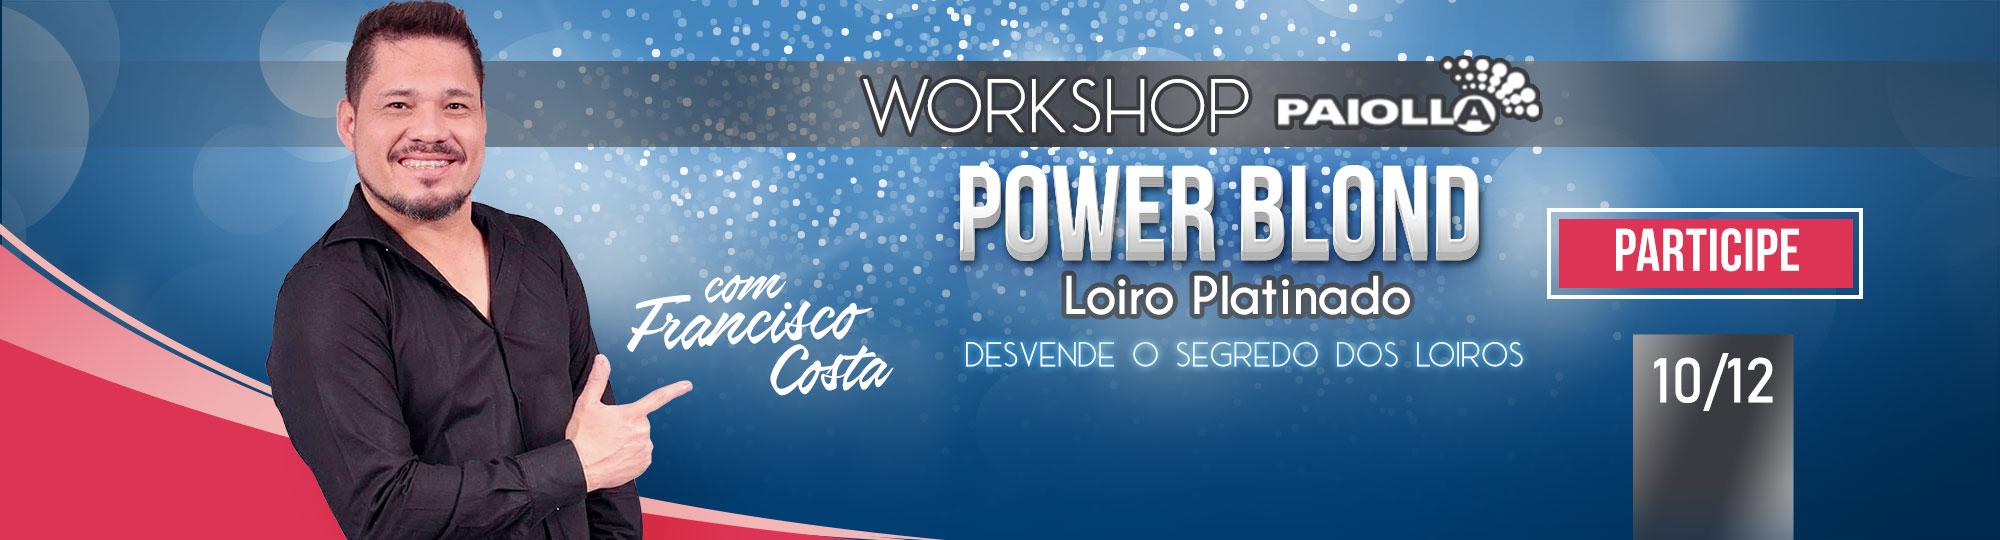 Workshop Power Blond - Segredo dos Loiros